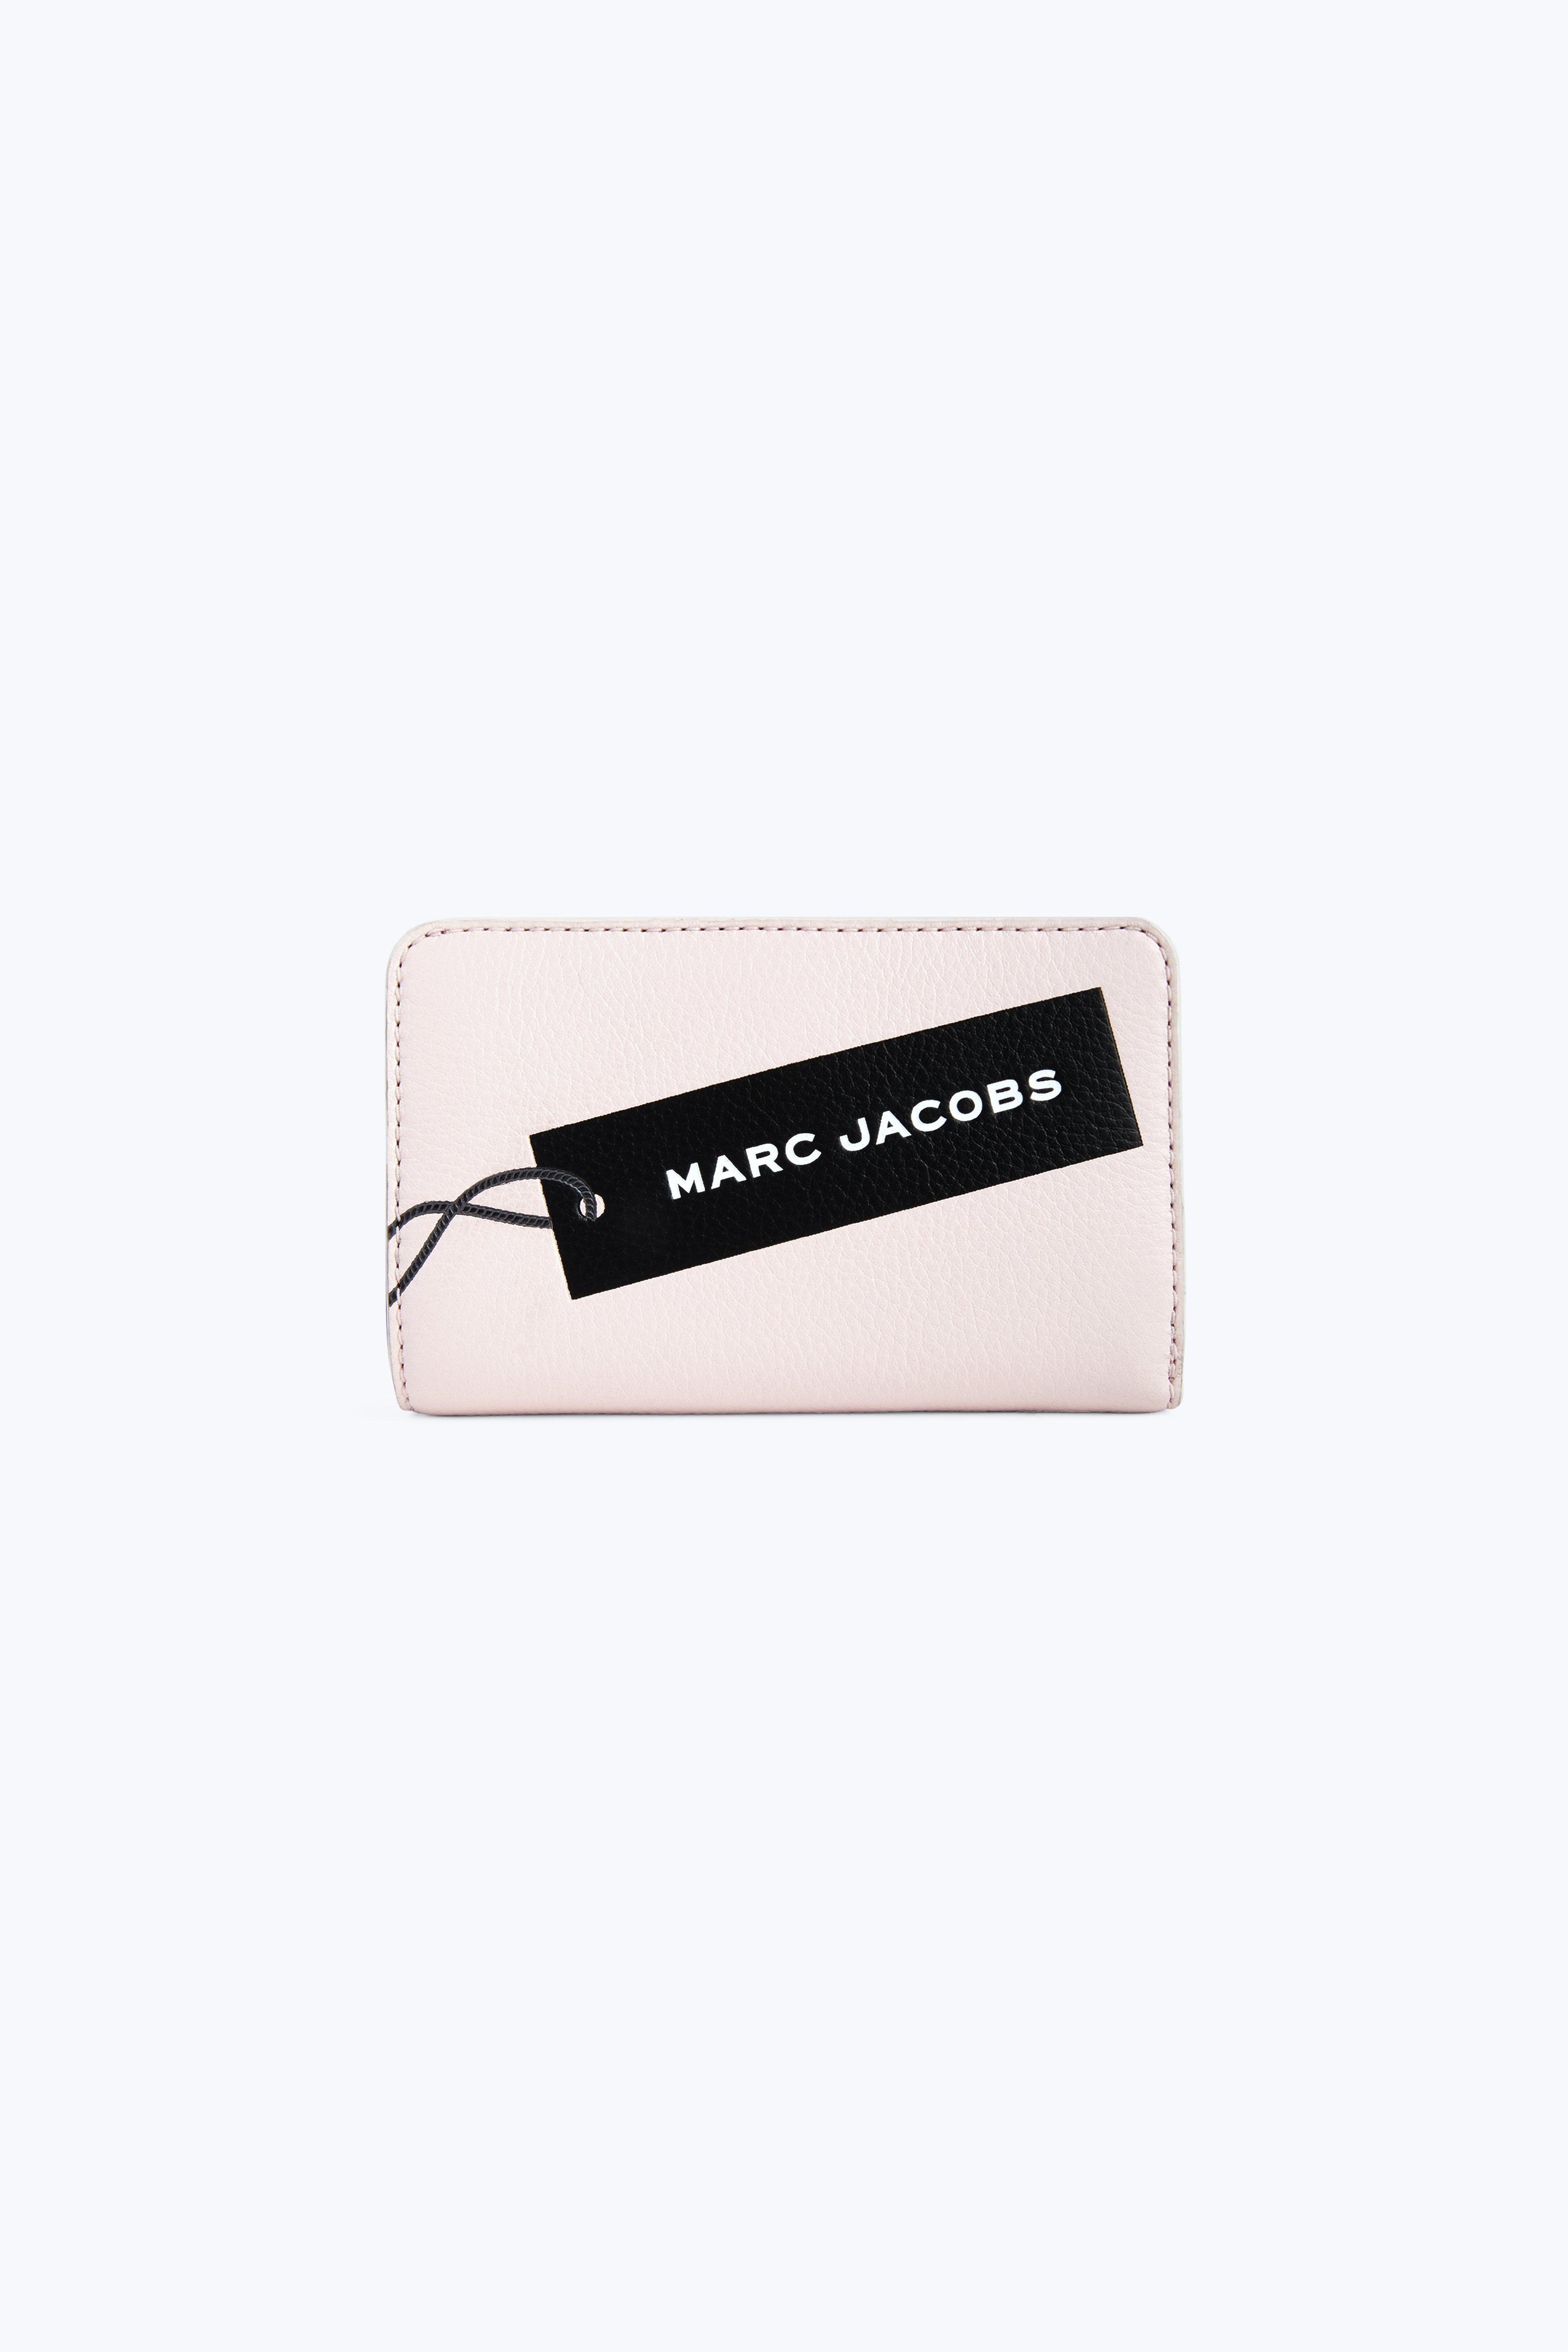 marc jacobs nyckelring pris